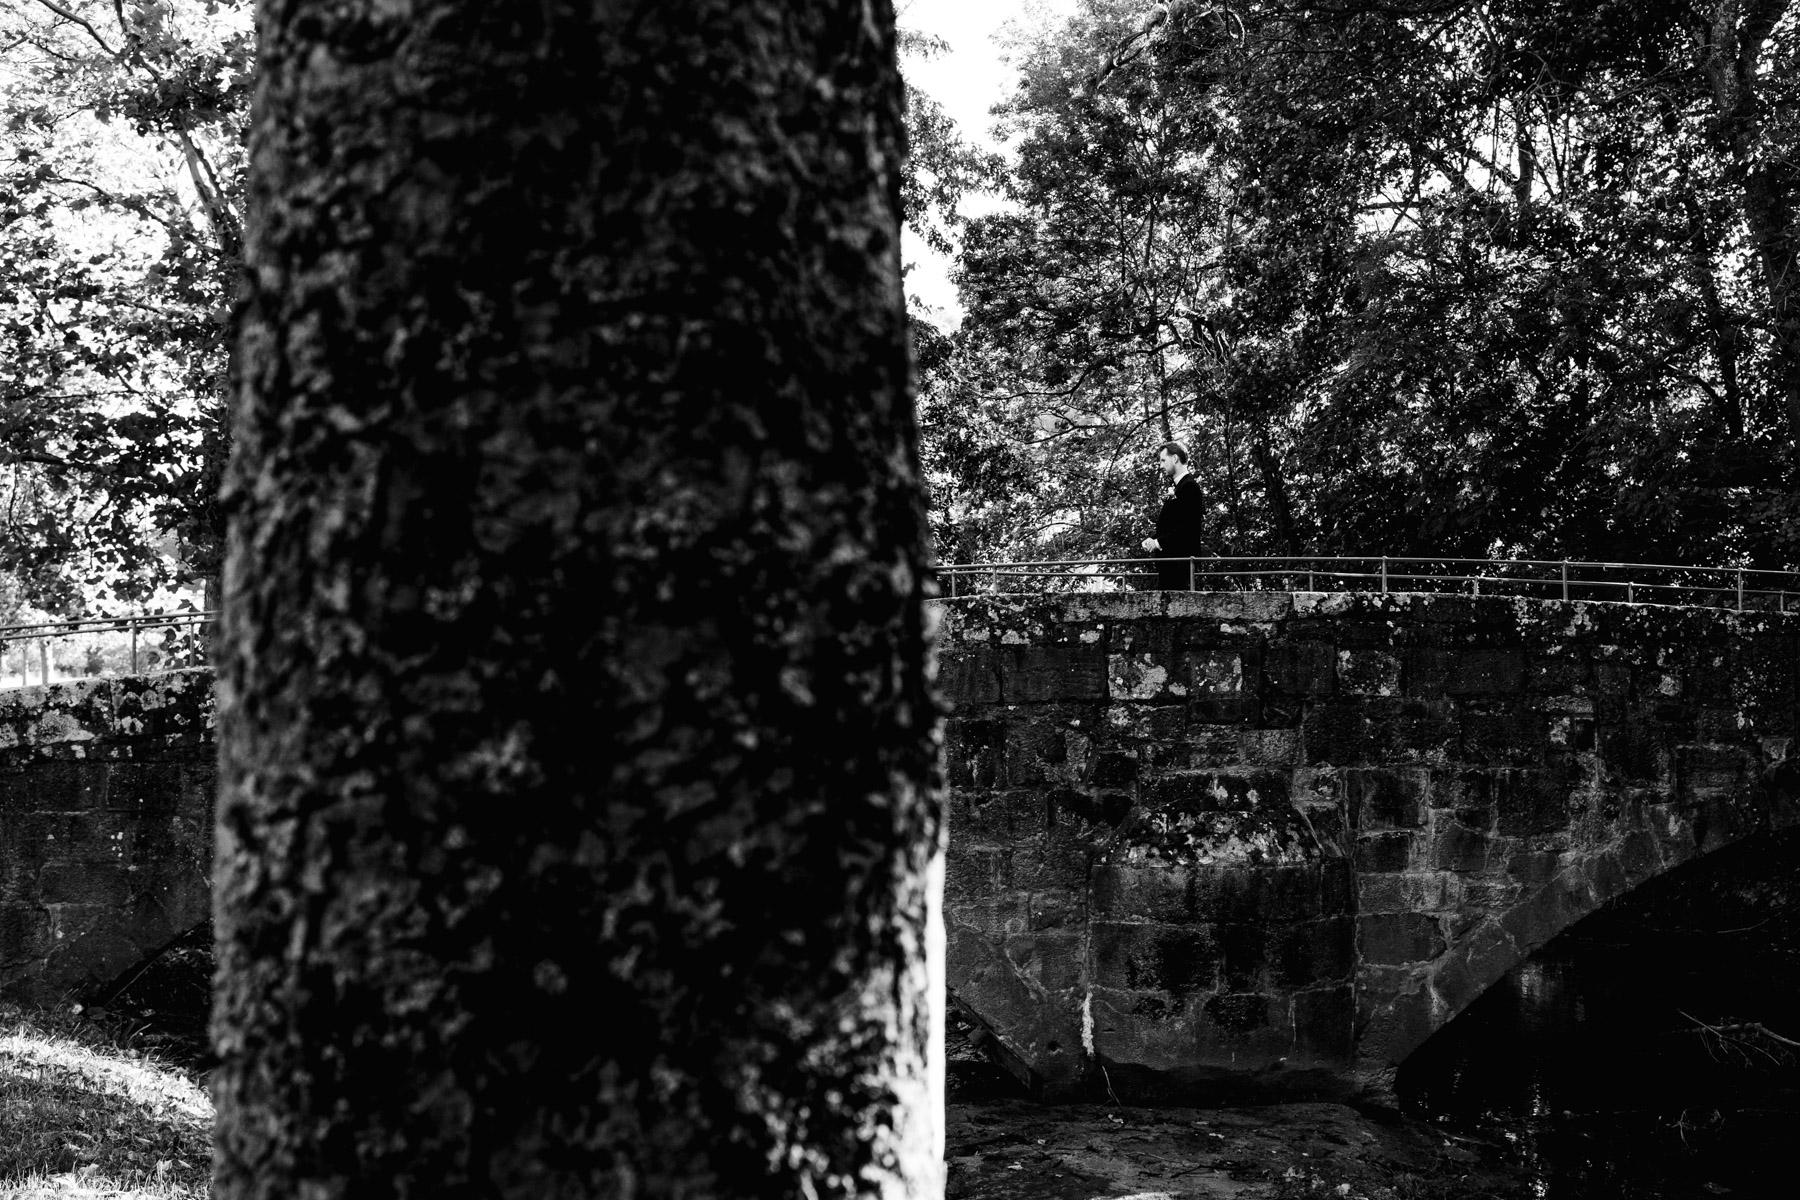 MartinLiebl_Kein_Hochzeitsfotograf_Blog_CWF_Bad_Neustadt_11.jpg